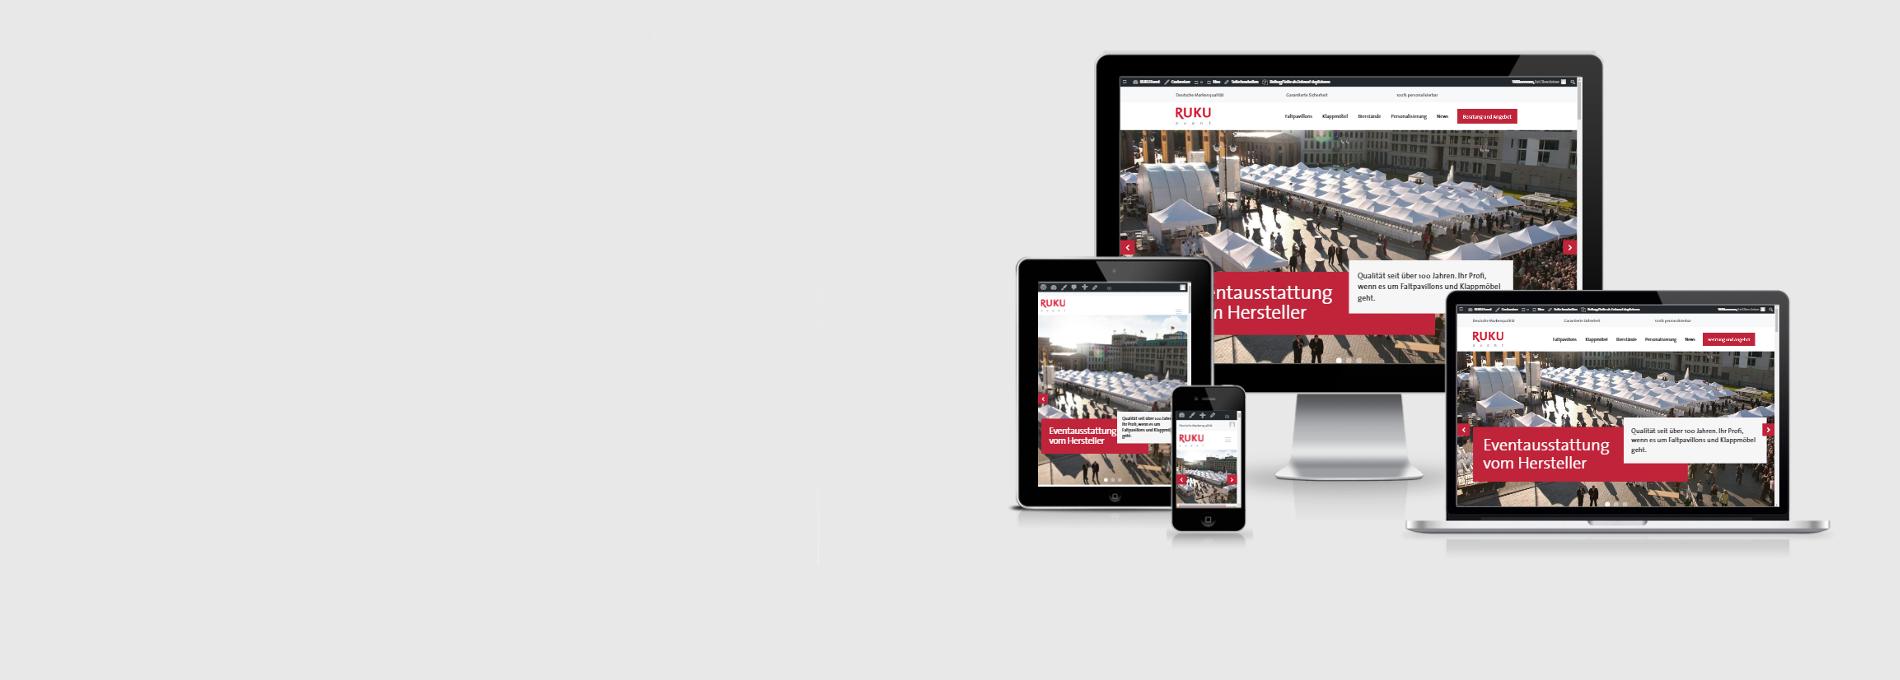 Darstellung der RUKUevent Webseite auf verschiedenen mobilen Endgeräten